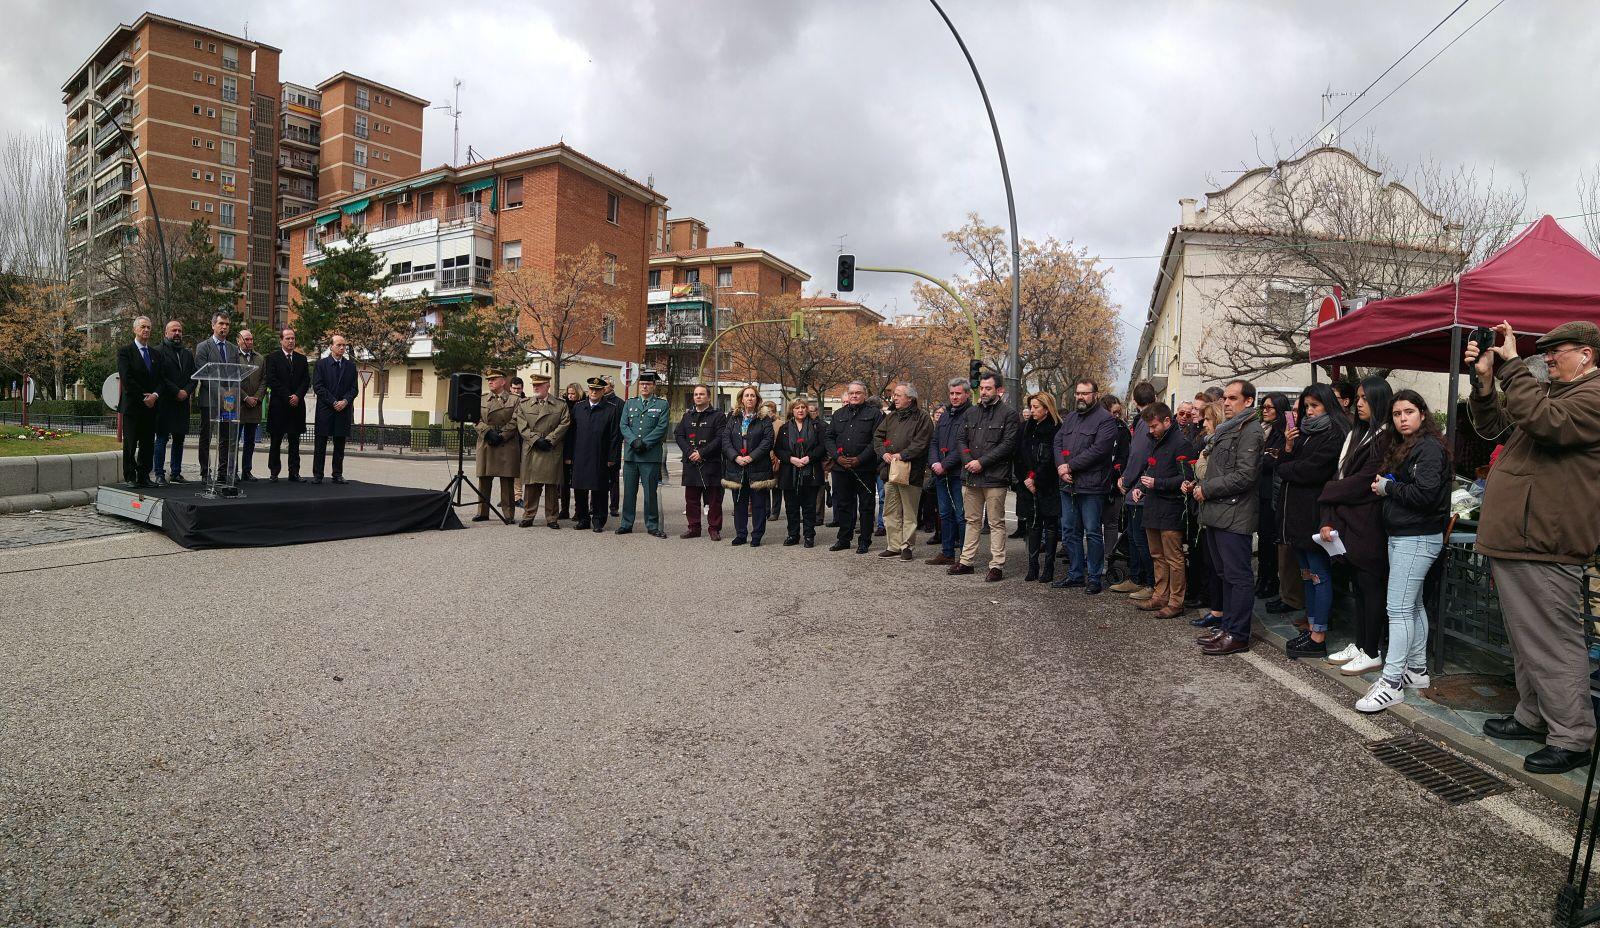 Ayuntamiento de Guadalajara y la Asociación 11M Afectados por el Terrorismo organizan un acto conmemorativo en el 14º aniversario del 11M